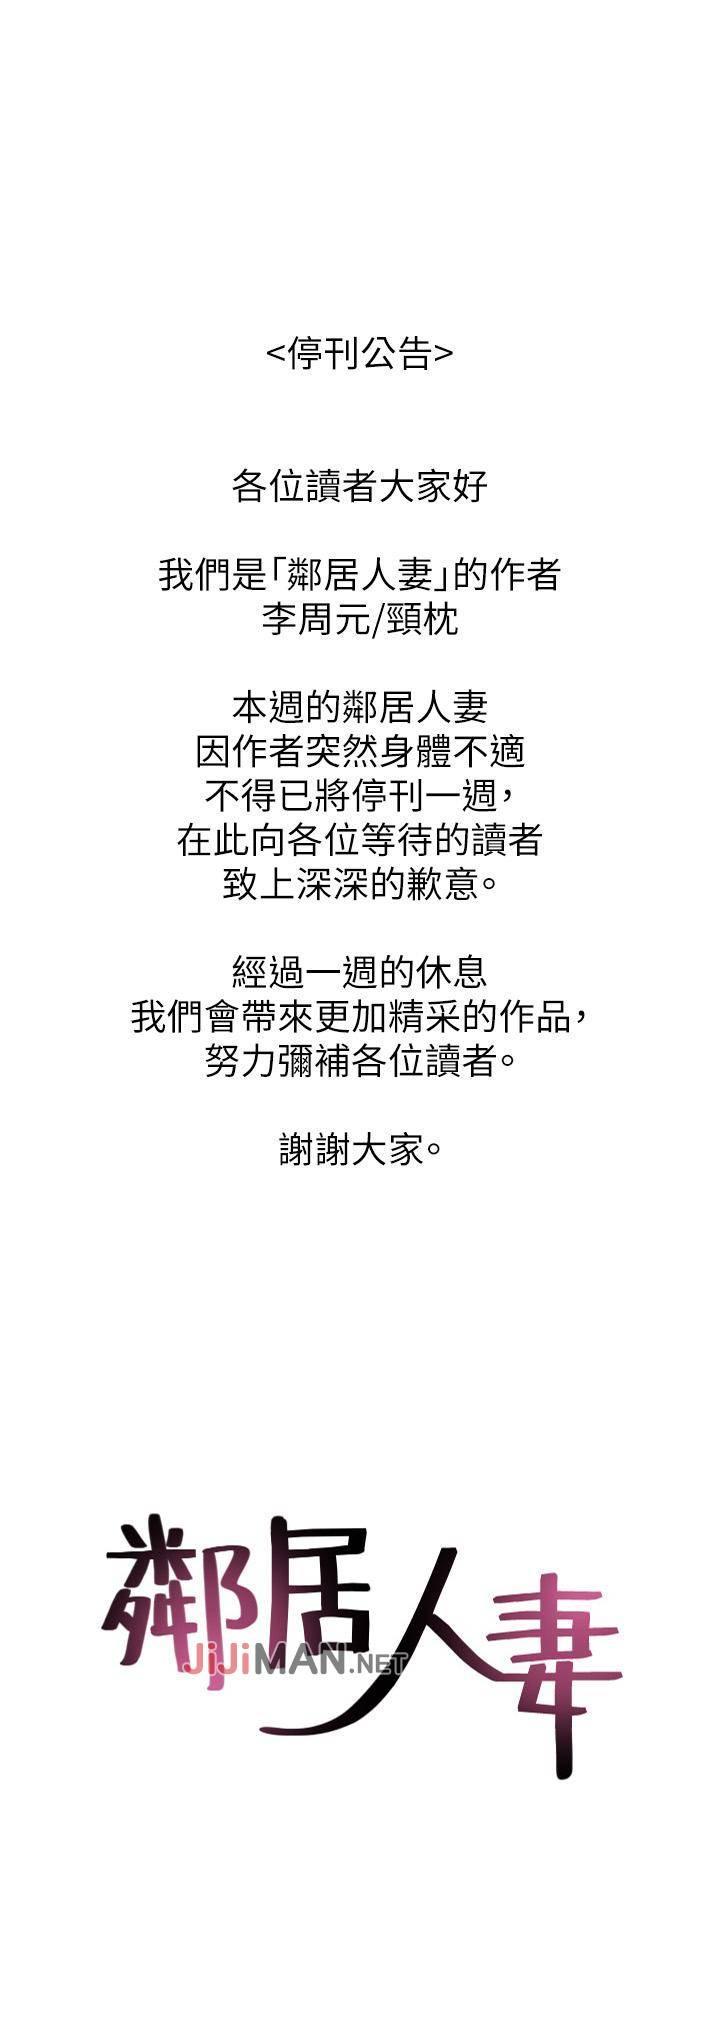 【周六更新】邻居人妻(作者:李周元 & 頸枕) 第1~50话 287